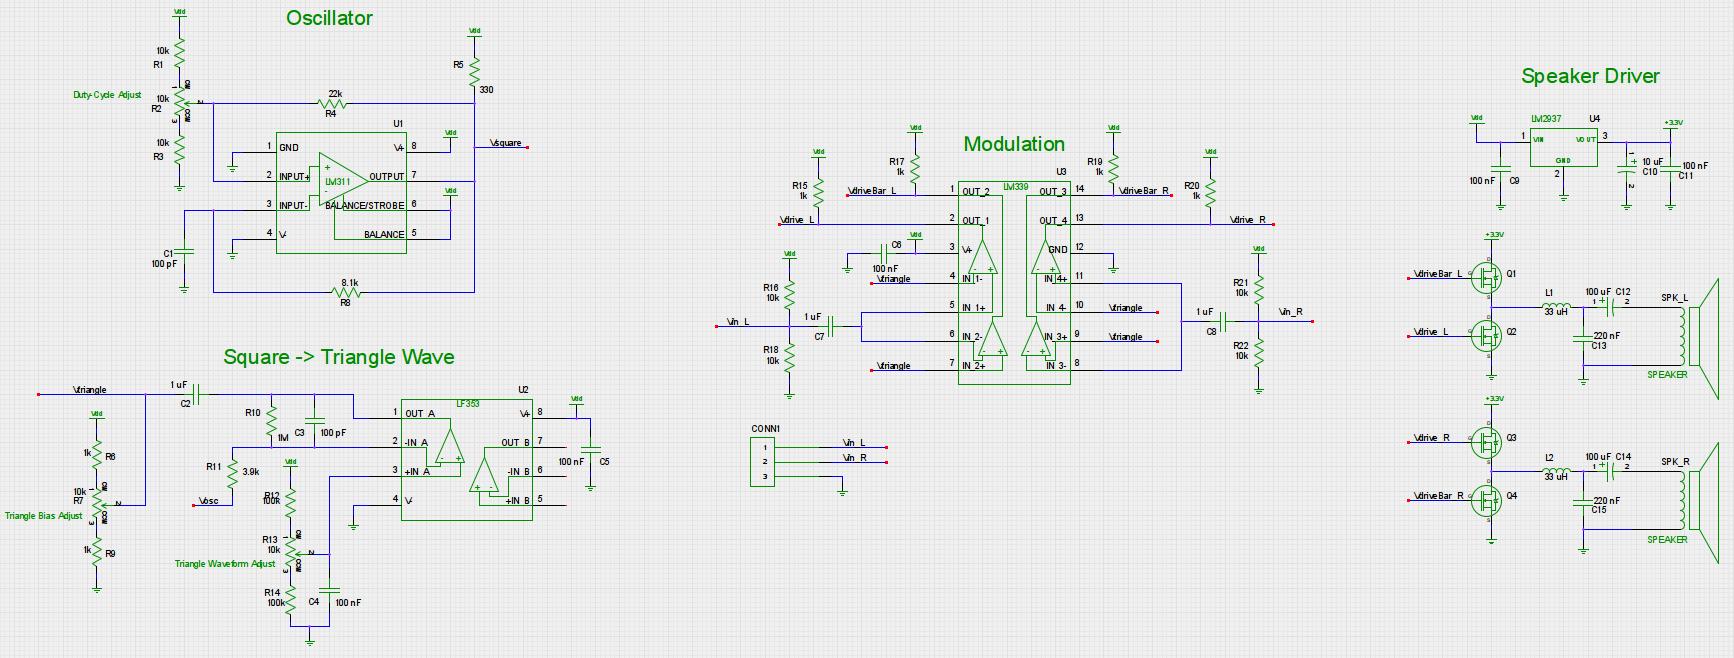 Ece 5030 Final Project Headphone Lifier Circuit Schematic Speaker Amplifier